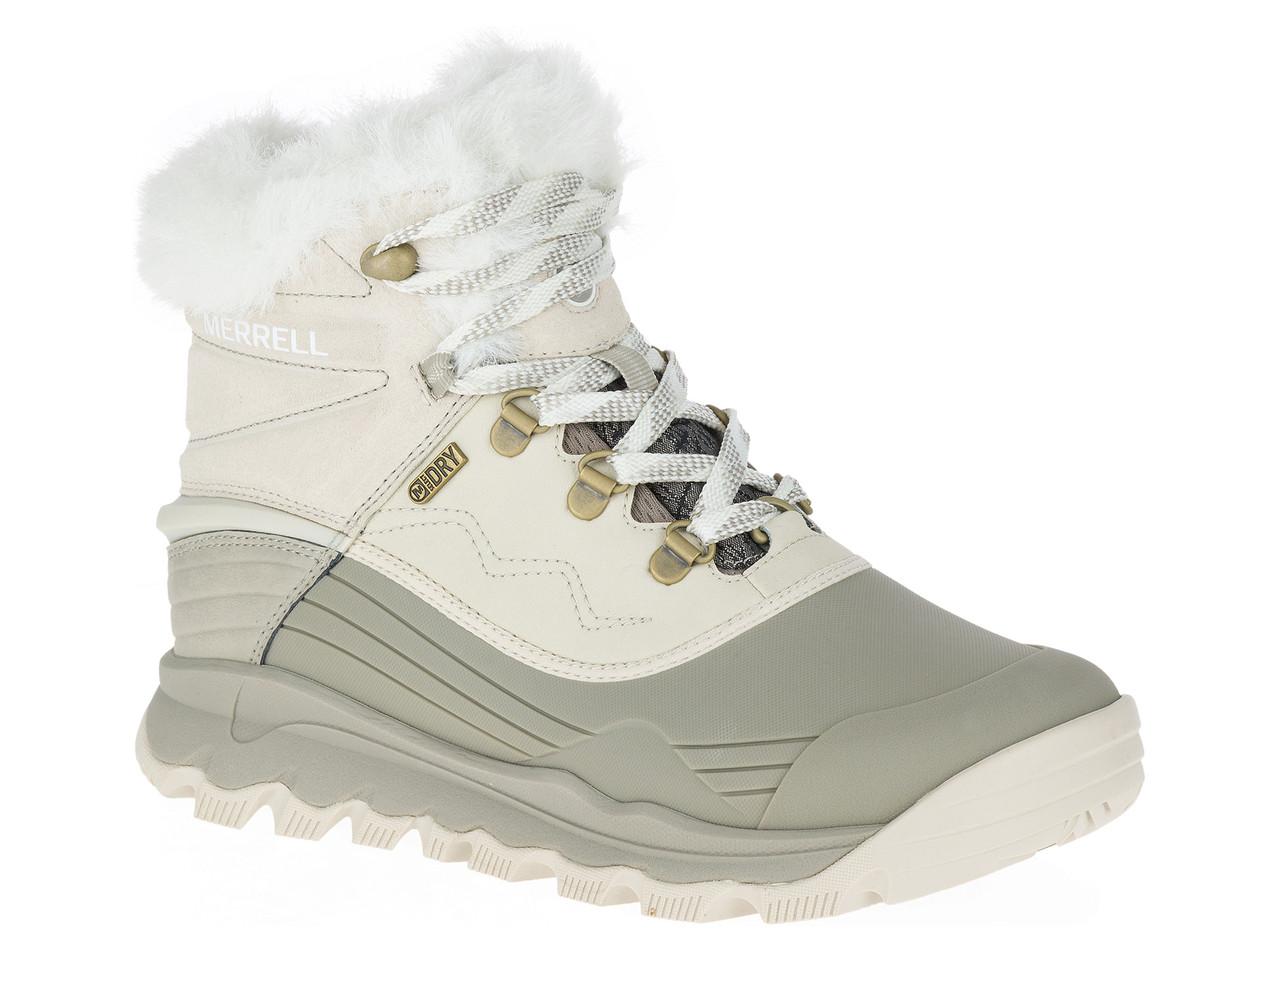 Женские ботинки Merrell Thermo Vortex 6 Waterproof J09612 ( Оригинал ) -